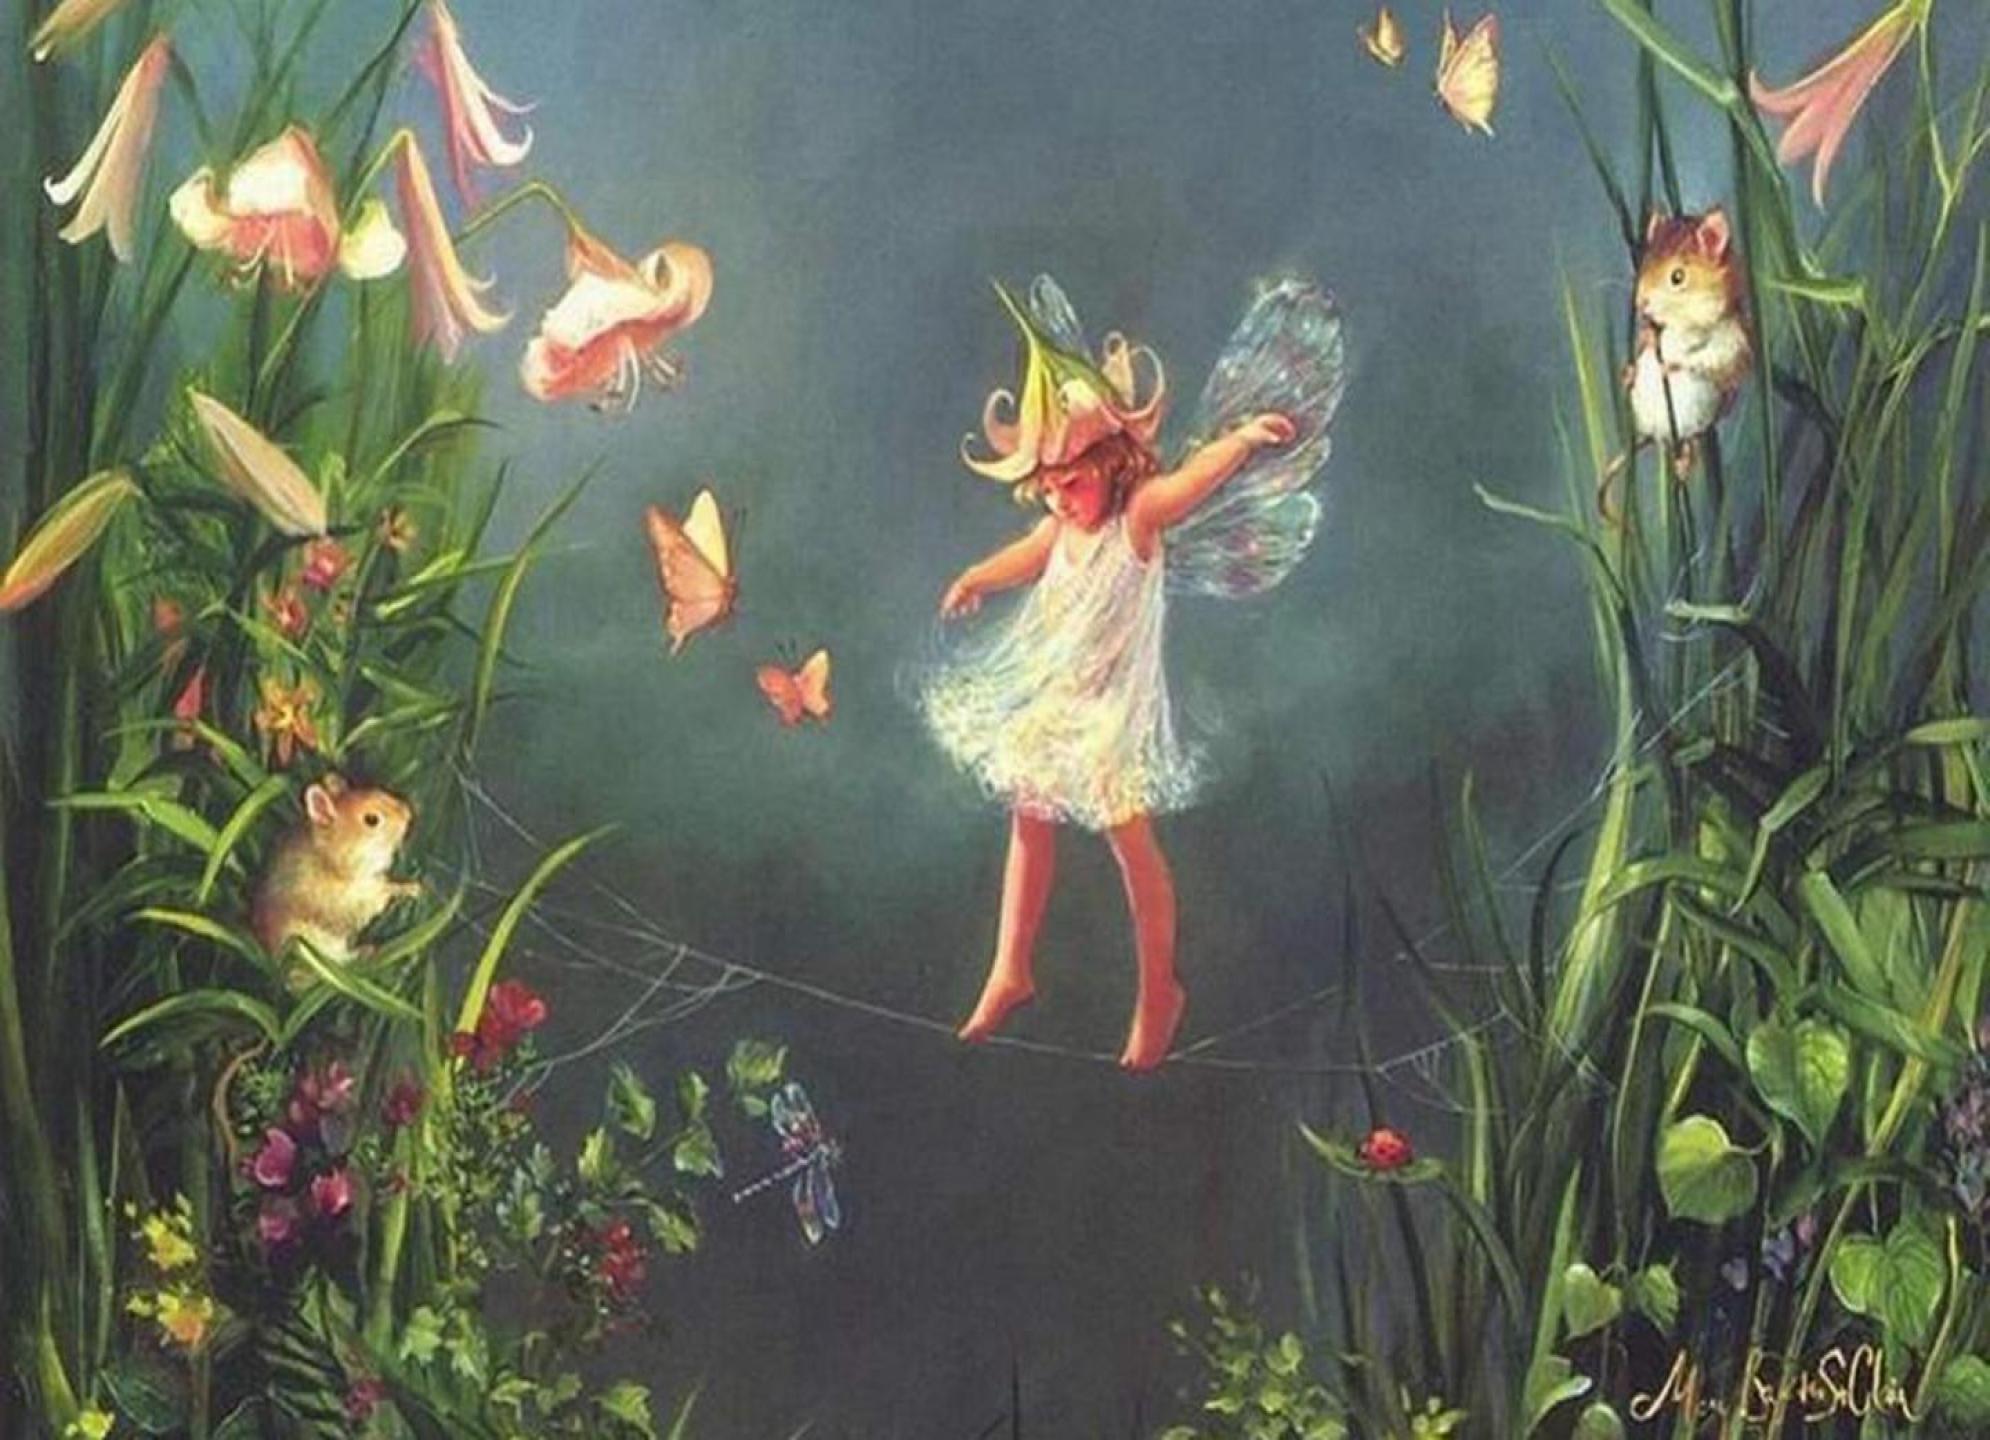 Cute Fairy Wallpaper wallpaper Cute Fairy Wallpaper hd wallpaper 1990x1440